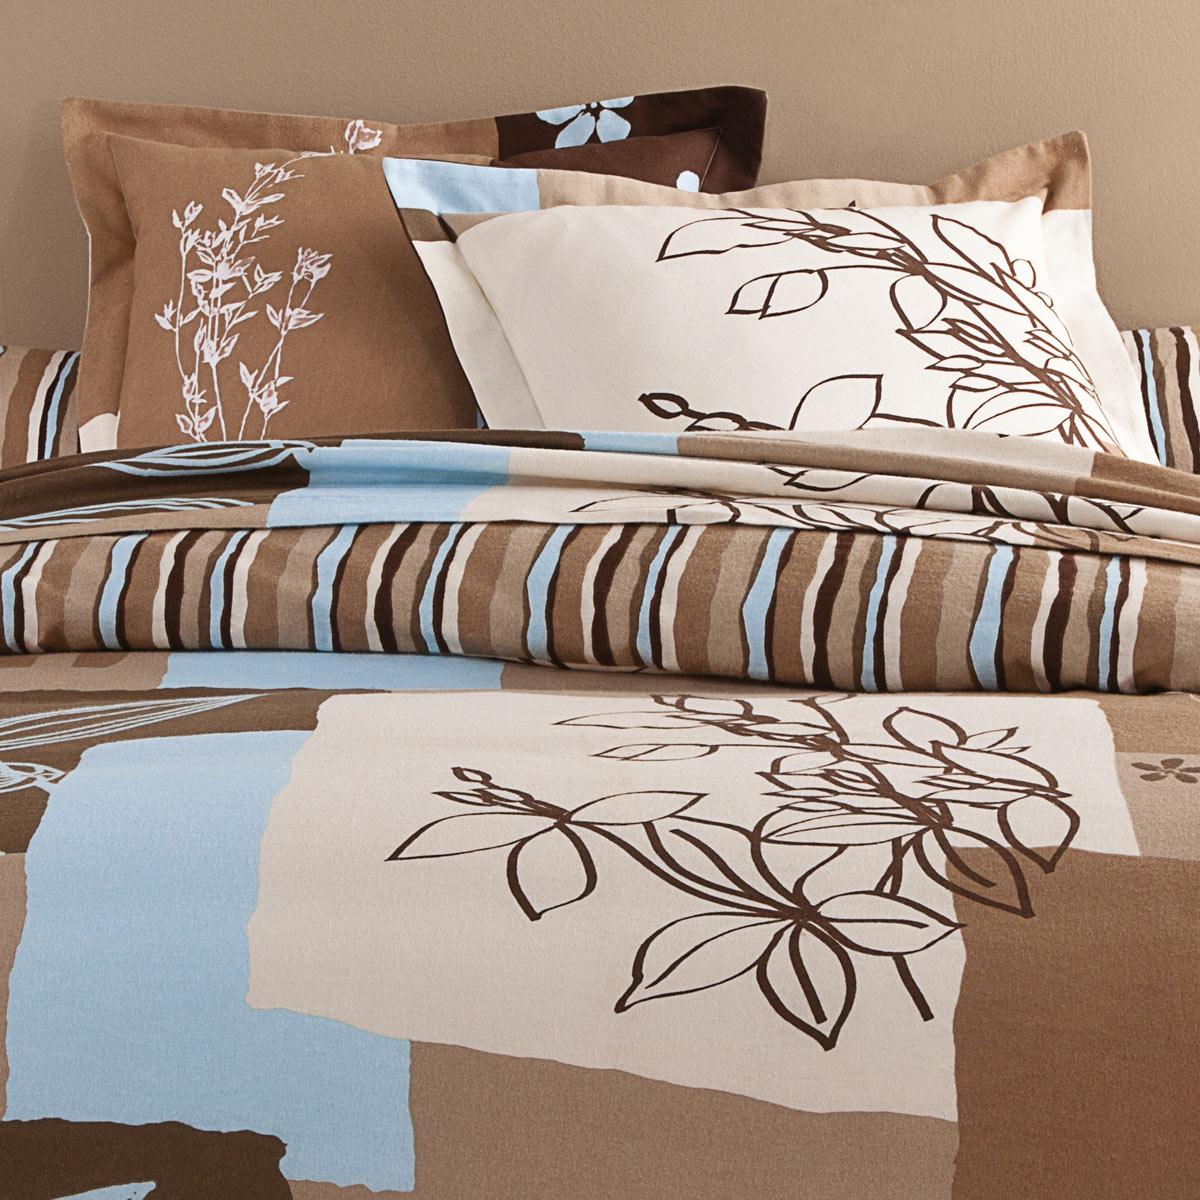 parrure drap parure drap plat draphousse 140x190 2 taies pur coton 57 fils coeurs parure. Black Bedroom Furniture Sets. Home Design Ideas